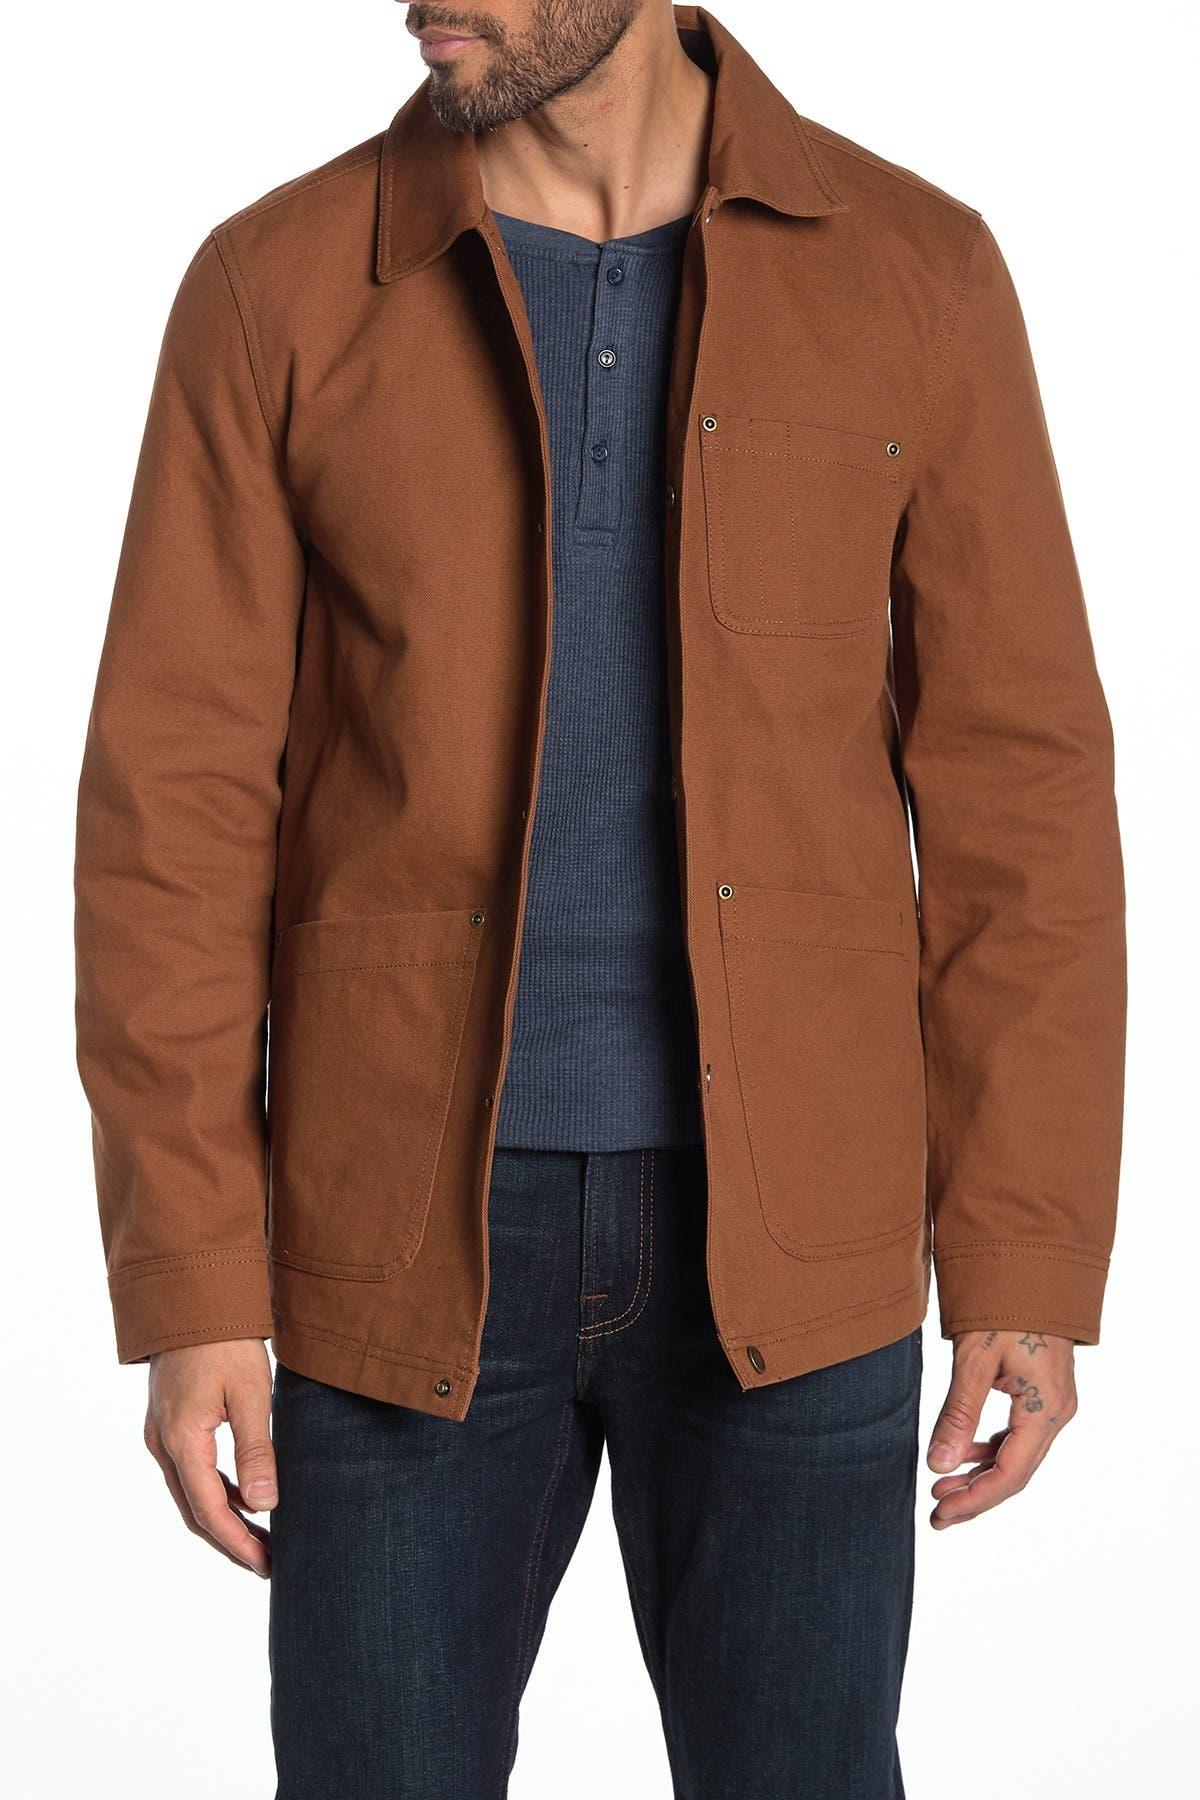 Image of PENDLETON 3 Pocket Chore Jacket